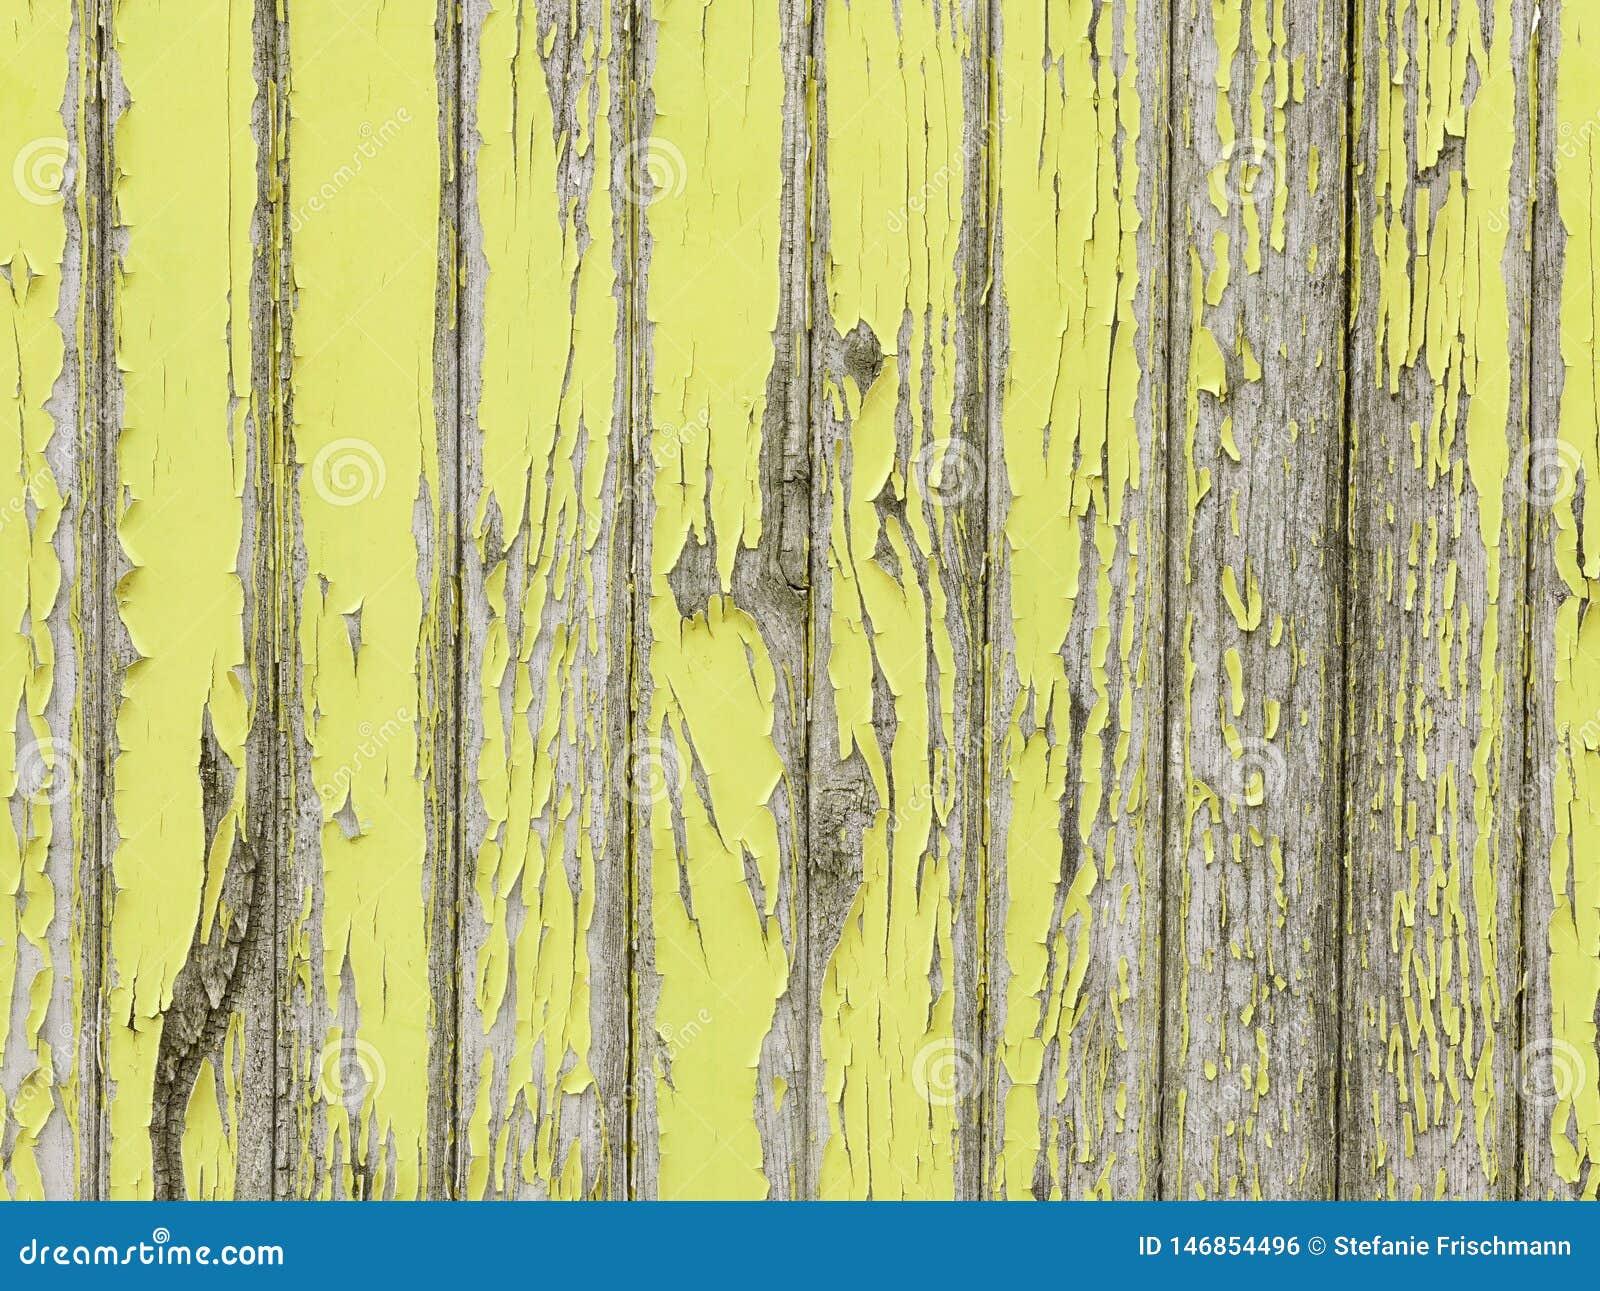 épluchage De La Peinture Jaune Sur Le Vieux Mur En Bois